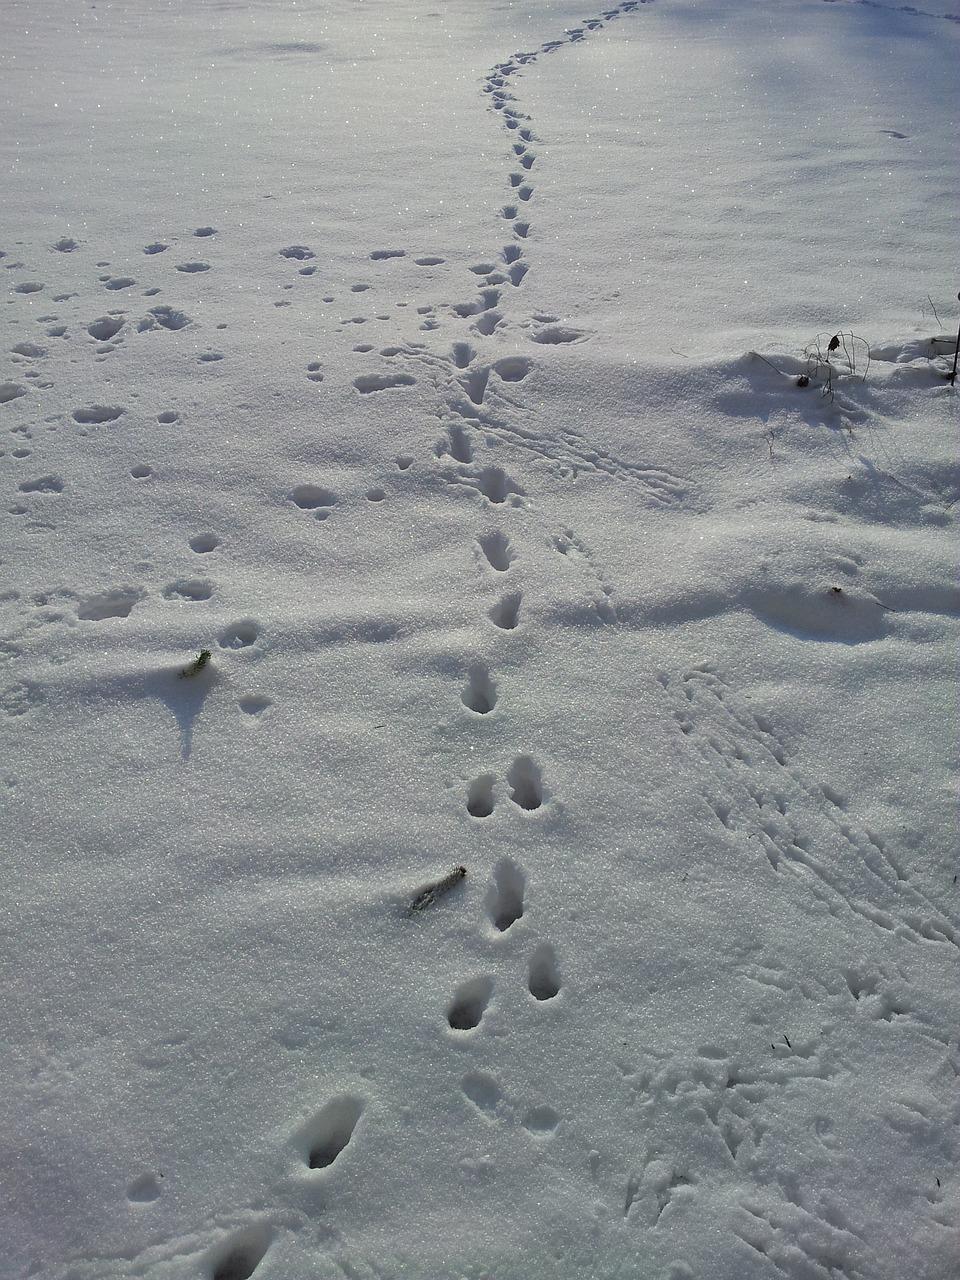 Afbeeldingsresultaat voor snow athletics